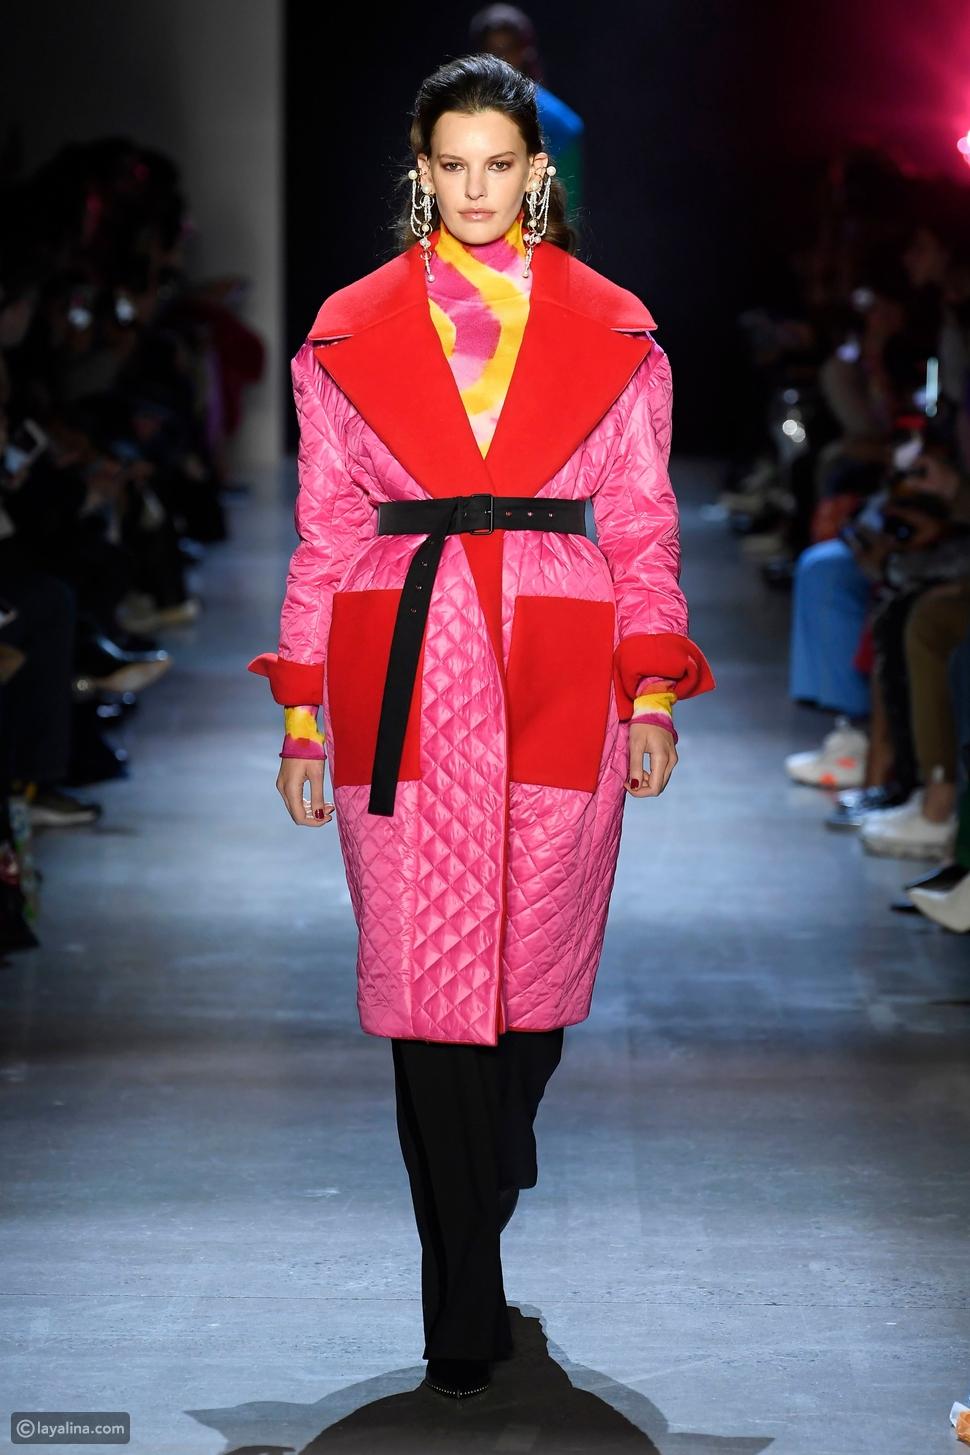 معطف مبطن في عرض أزياءبرابال جورونج Prabal Gurung